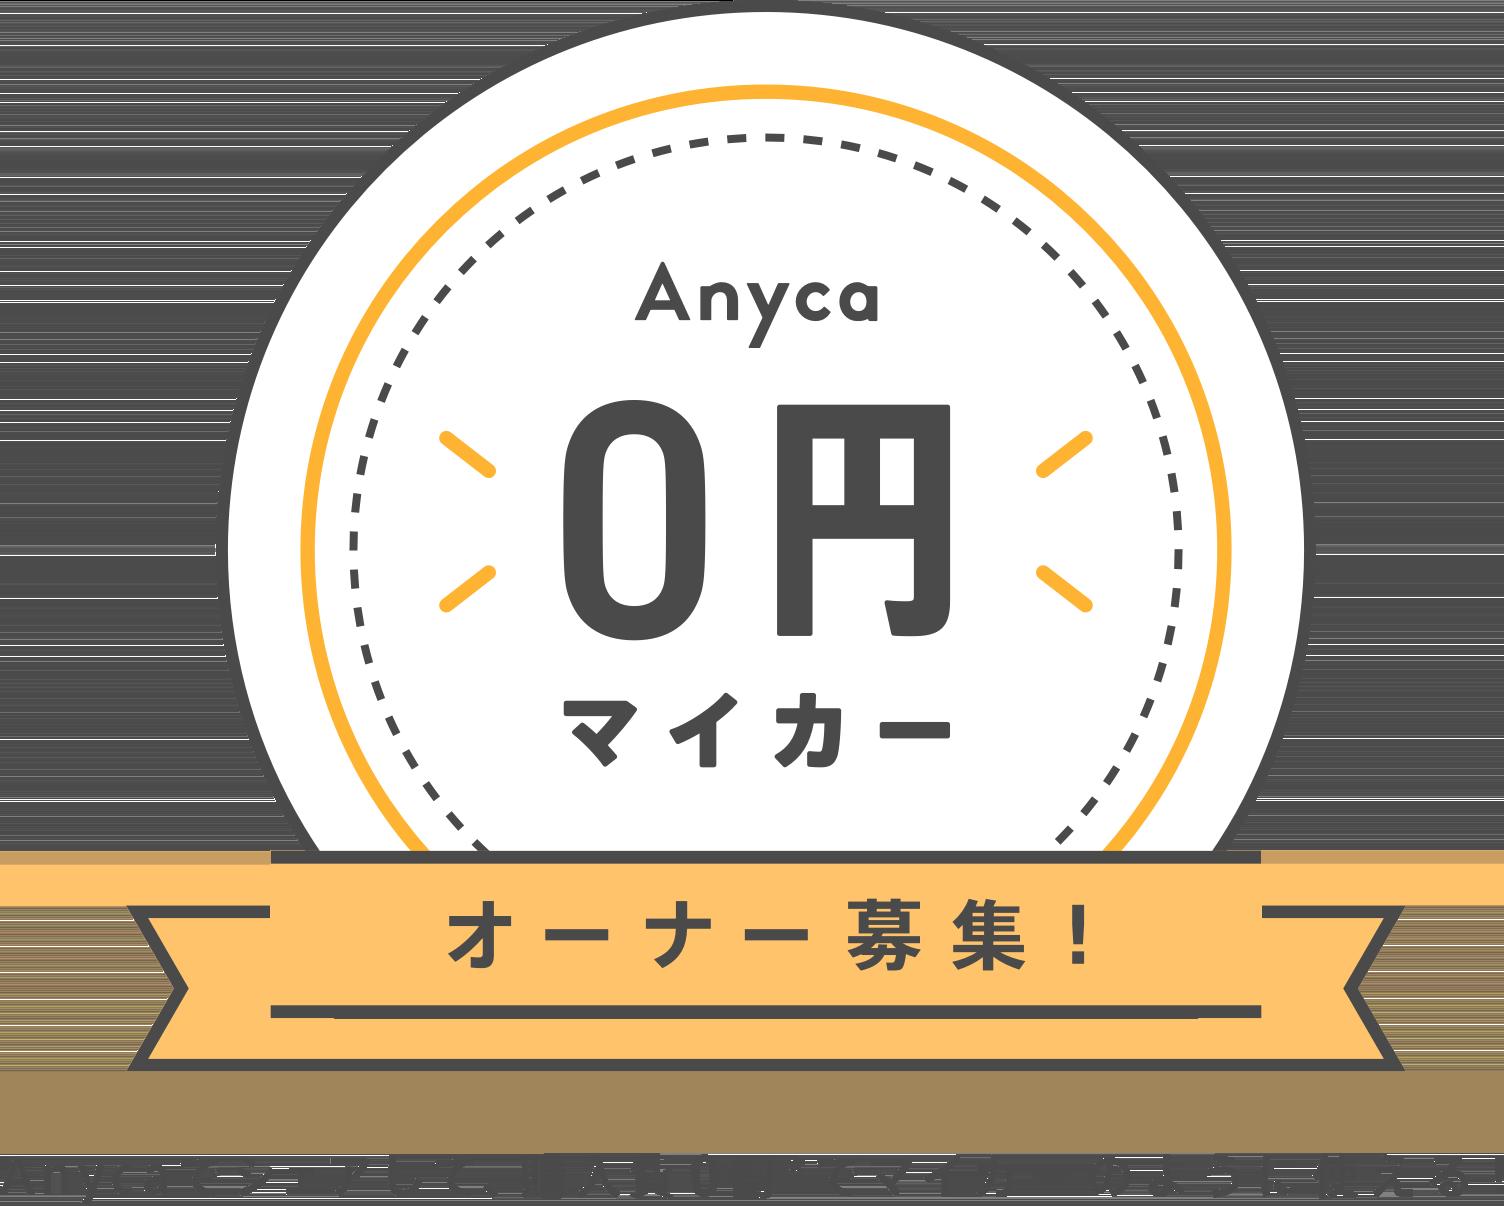 0円マイカー オーナー募集 Anycaでシェアして、購入費0円*でマイカーのように使える!